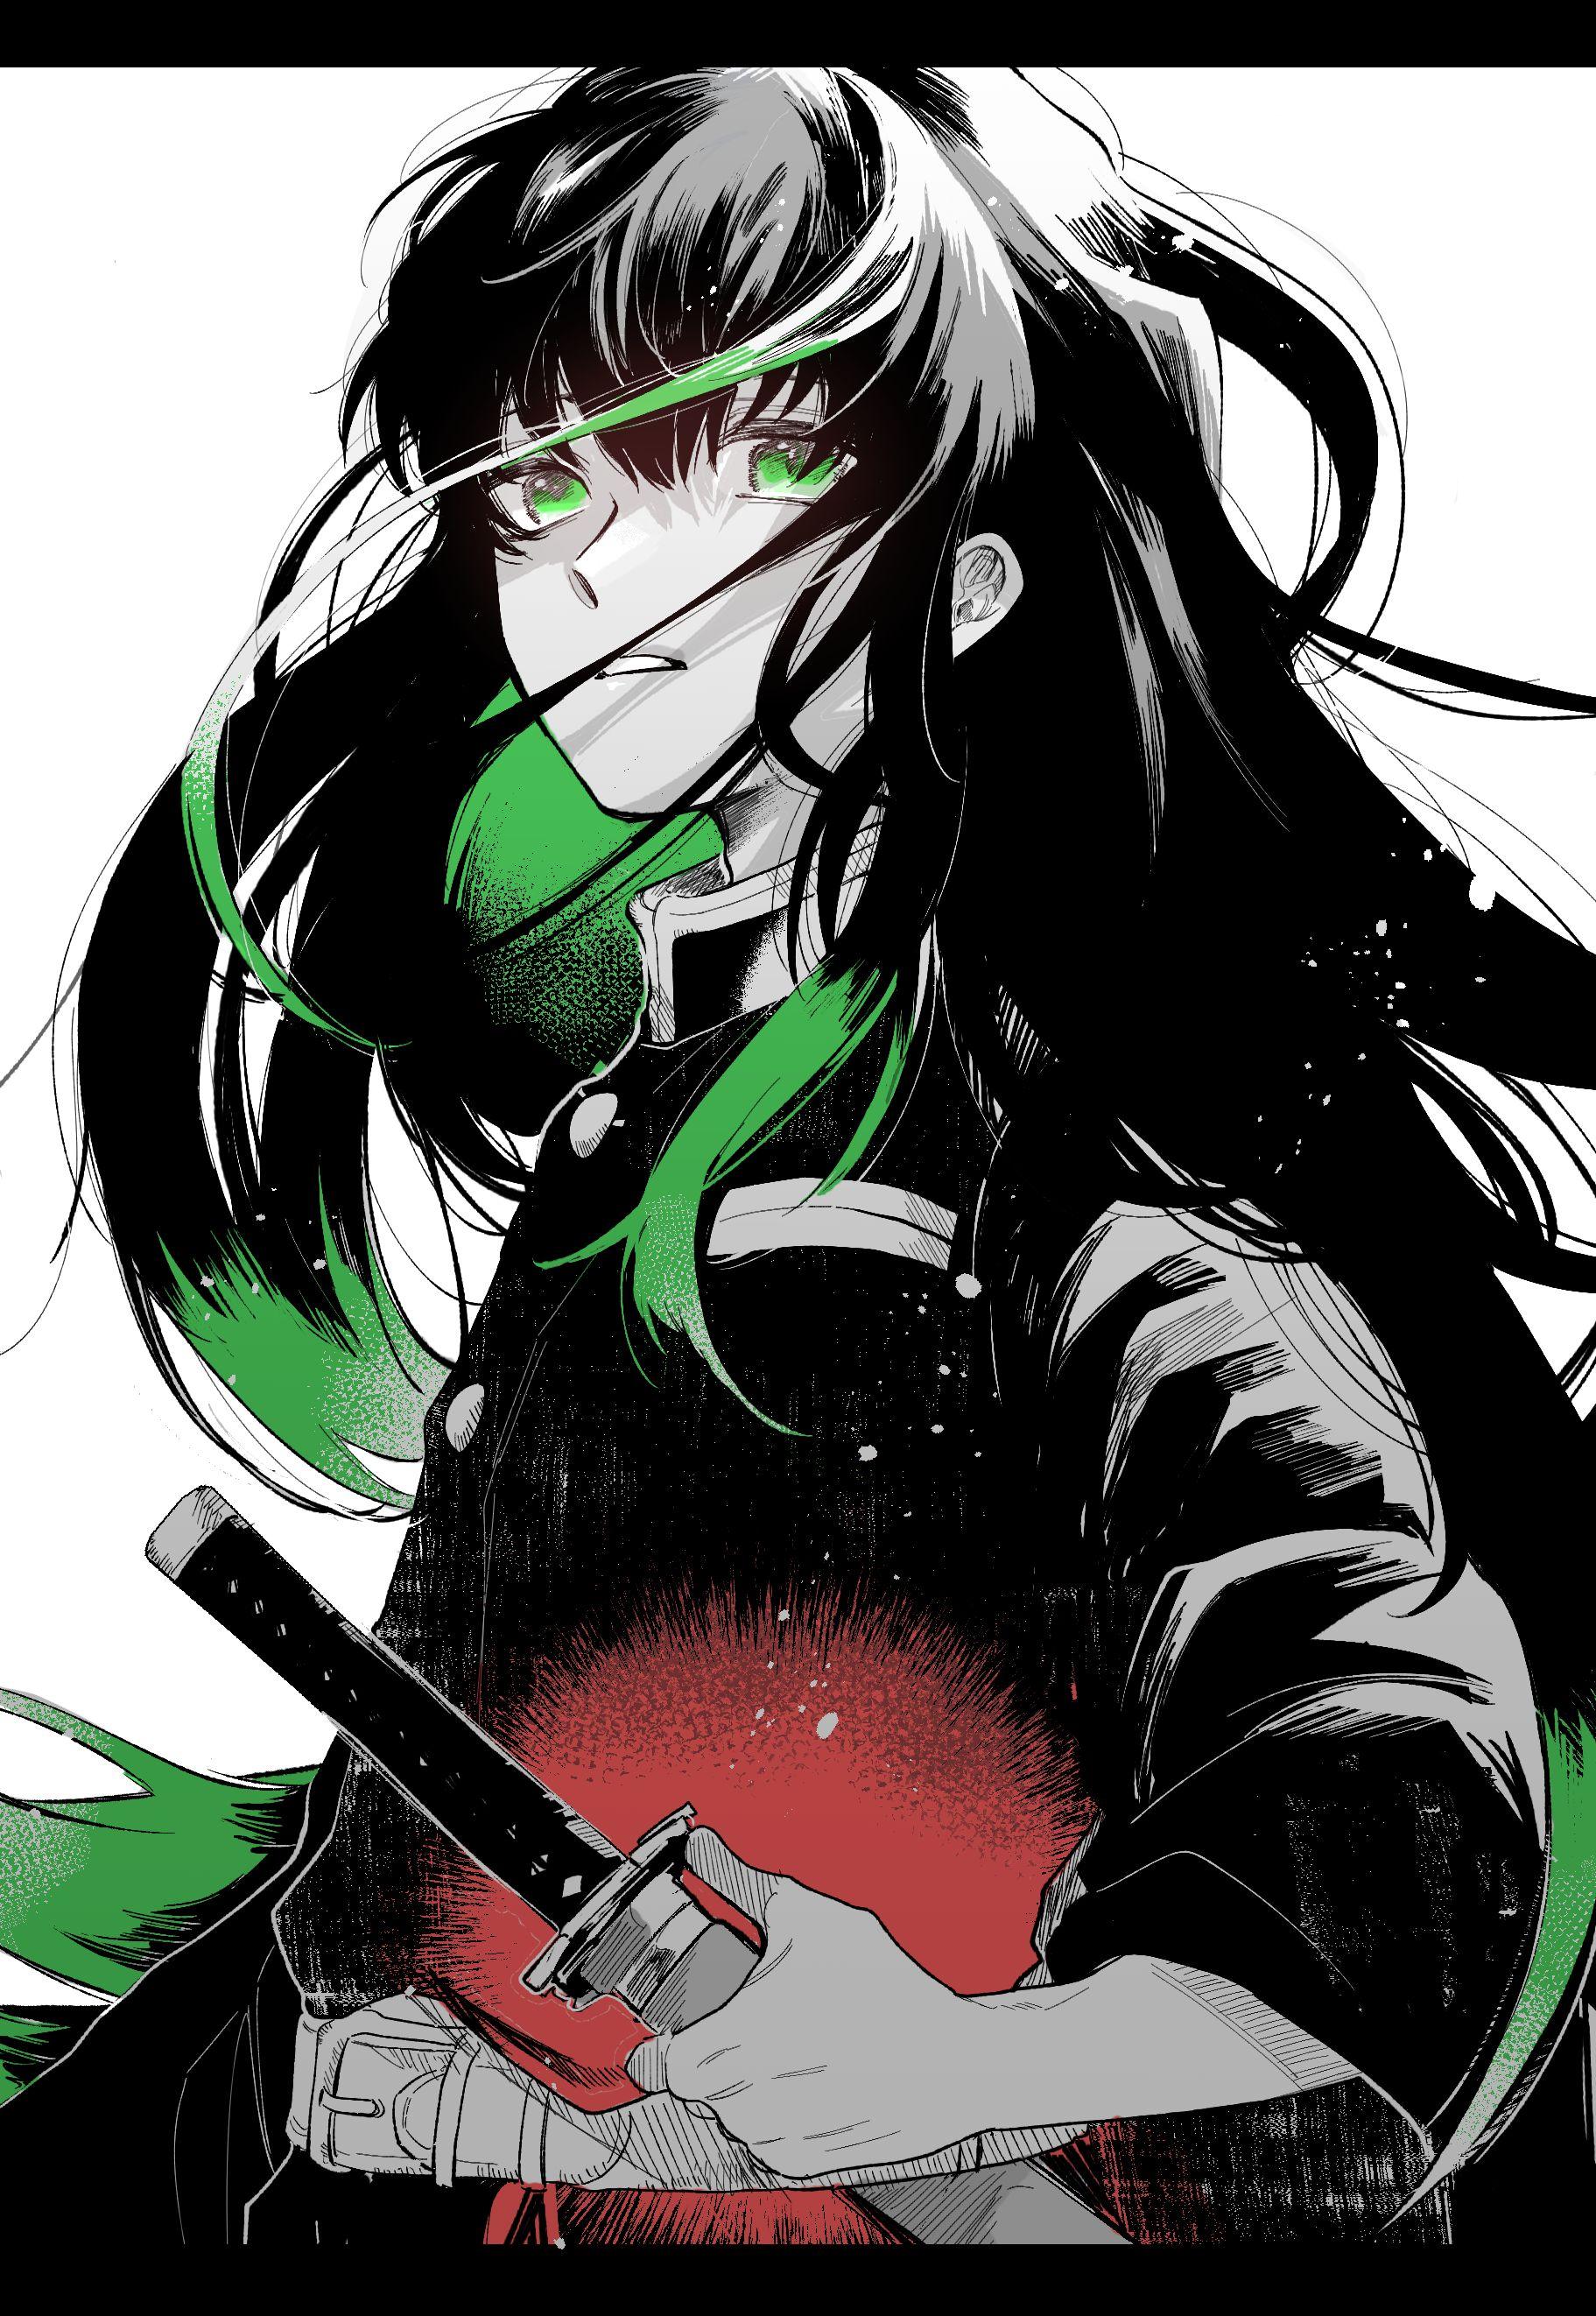 焼肉大盛 on Twitter in 2020 Anime demon, Anime wallpaper, Anime